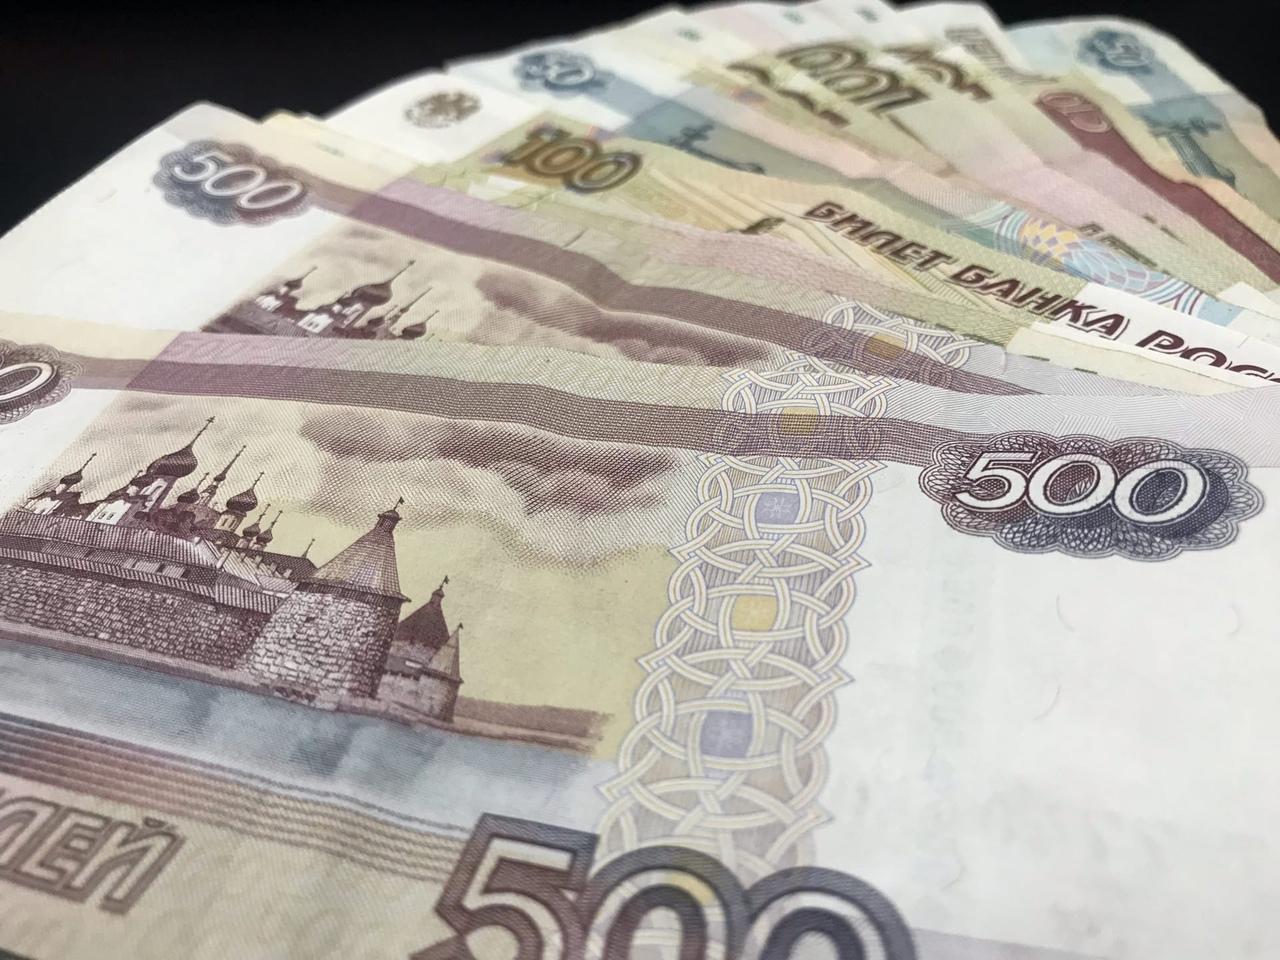 На брянском табачном предприятии зарплата оказалась ниже минимального размера оплаты труда